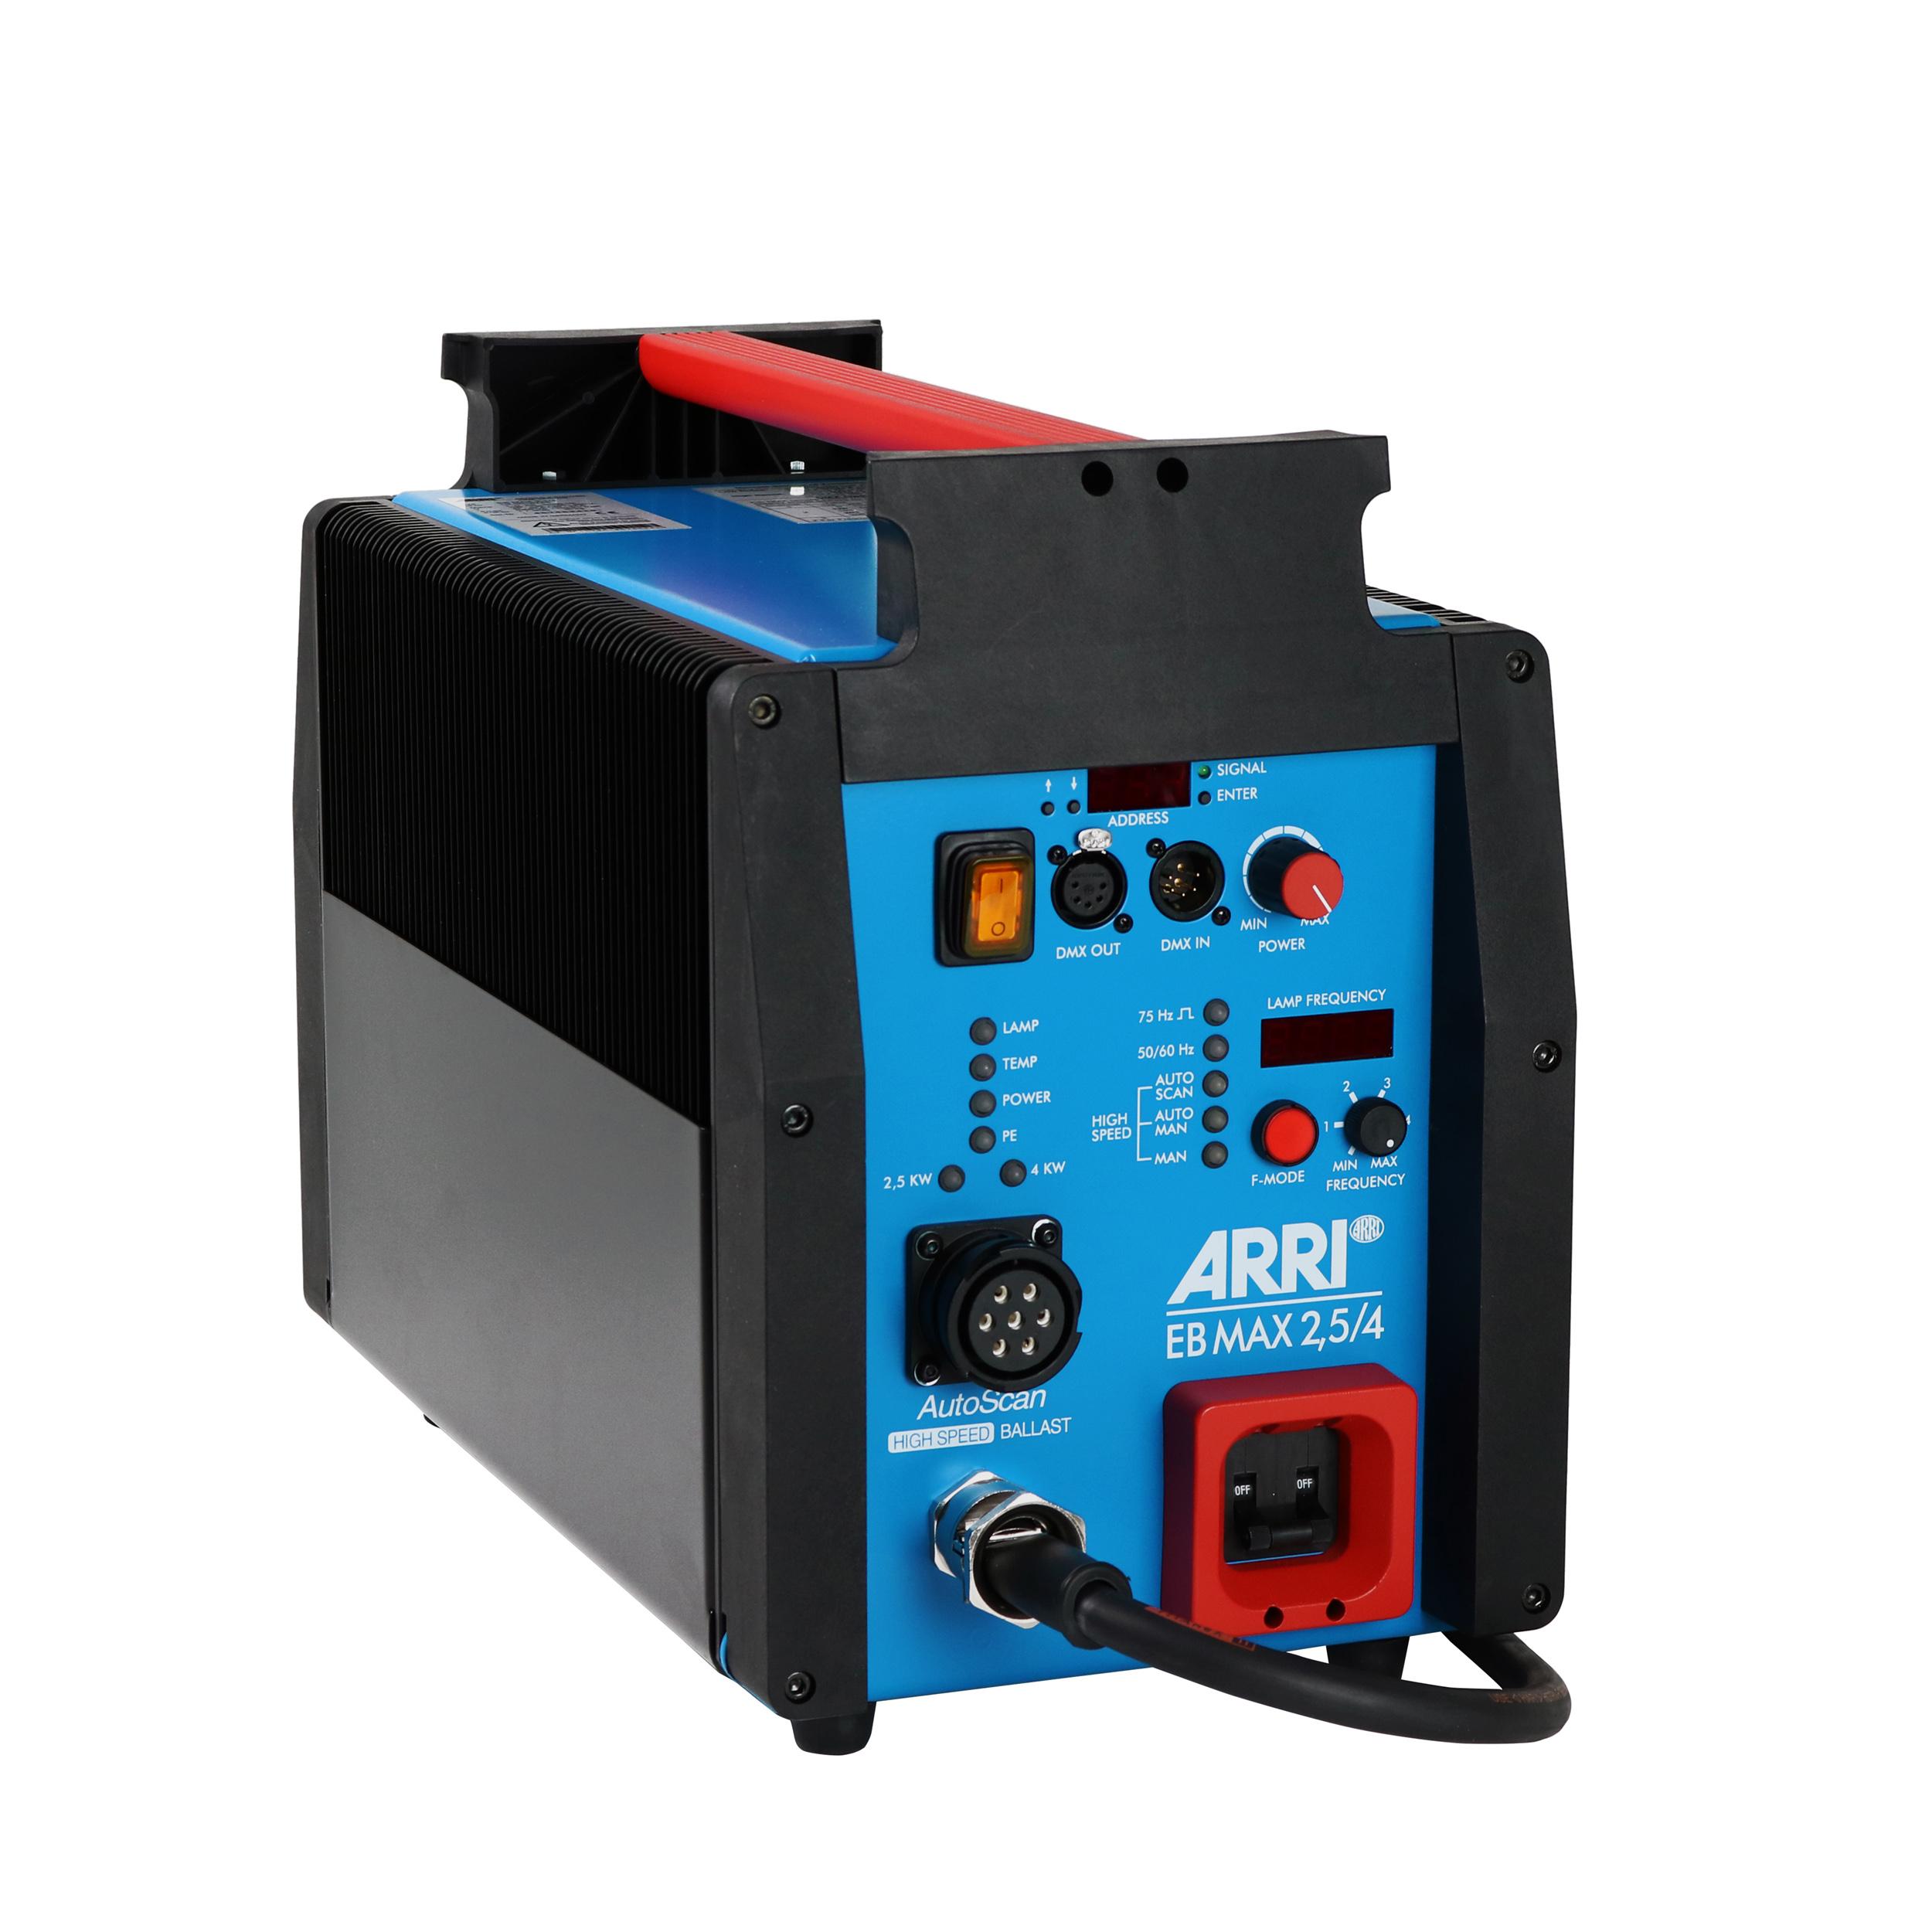 ARRI EB 2.5/4, ALF,DMX, VEAM, 50/60/75 Hz, 115/230 V~ bare ends